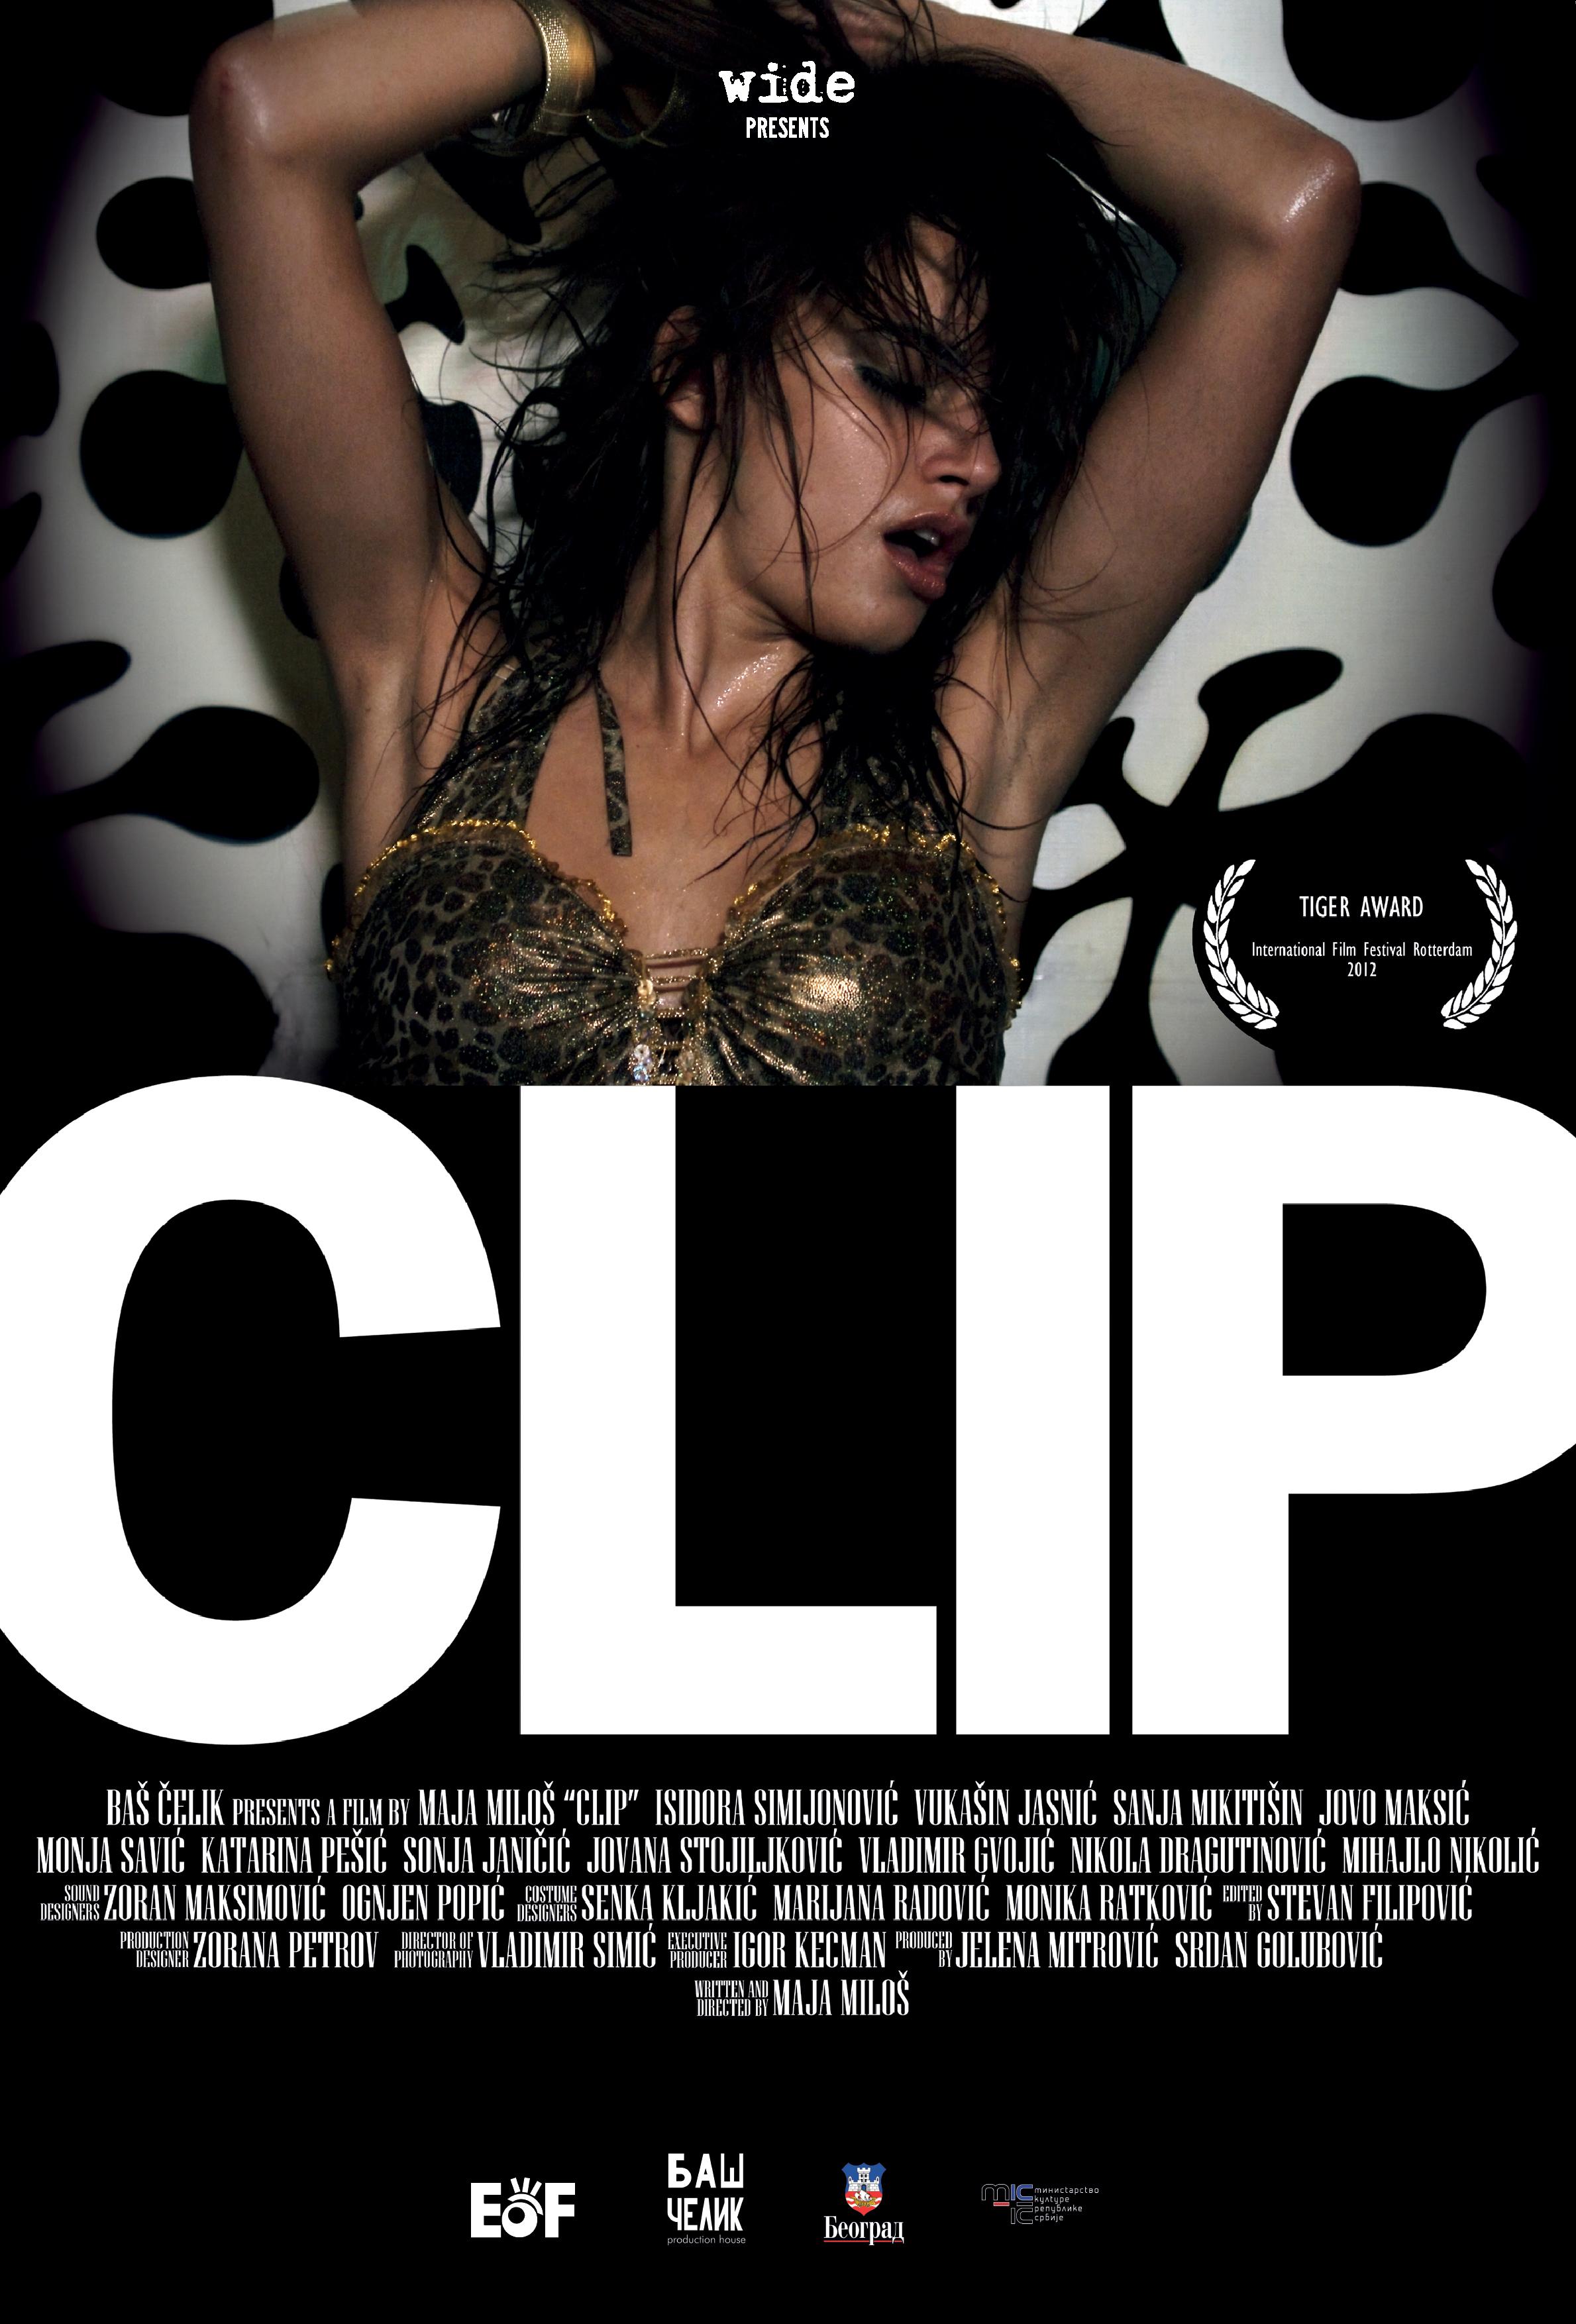 смотреть клип онлайн 2012